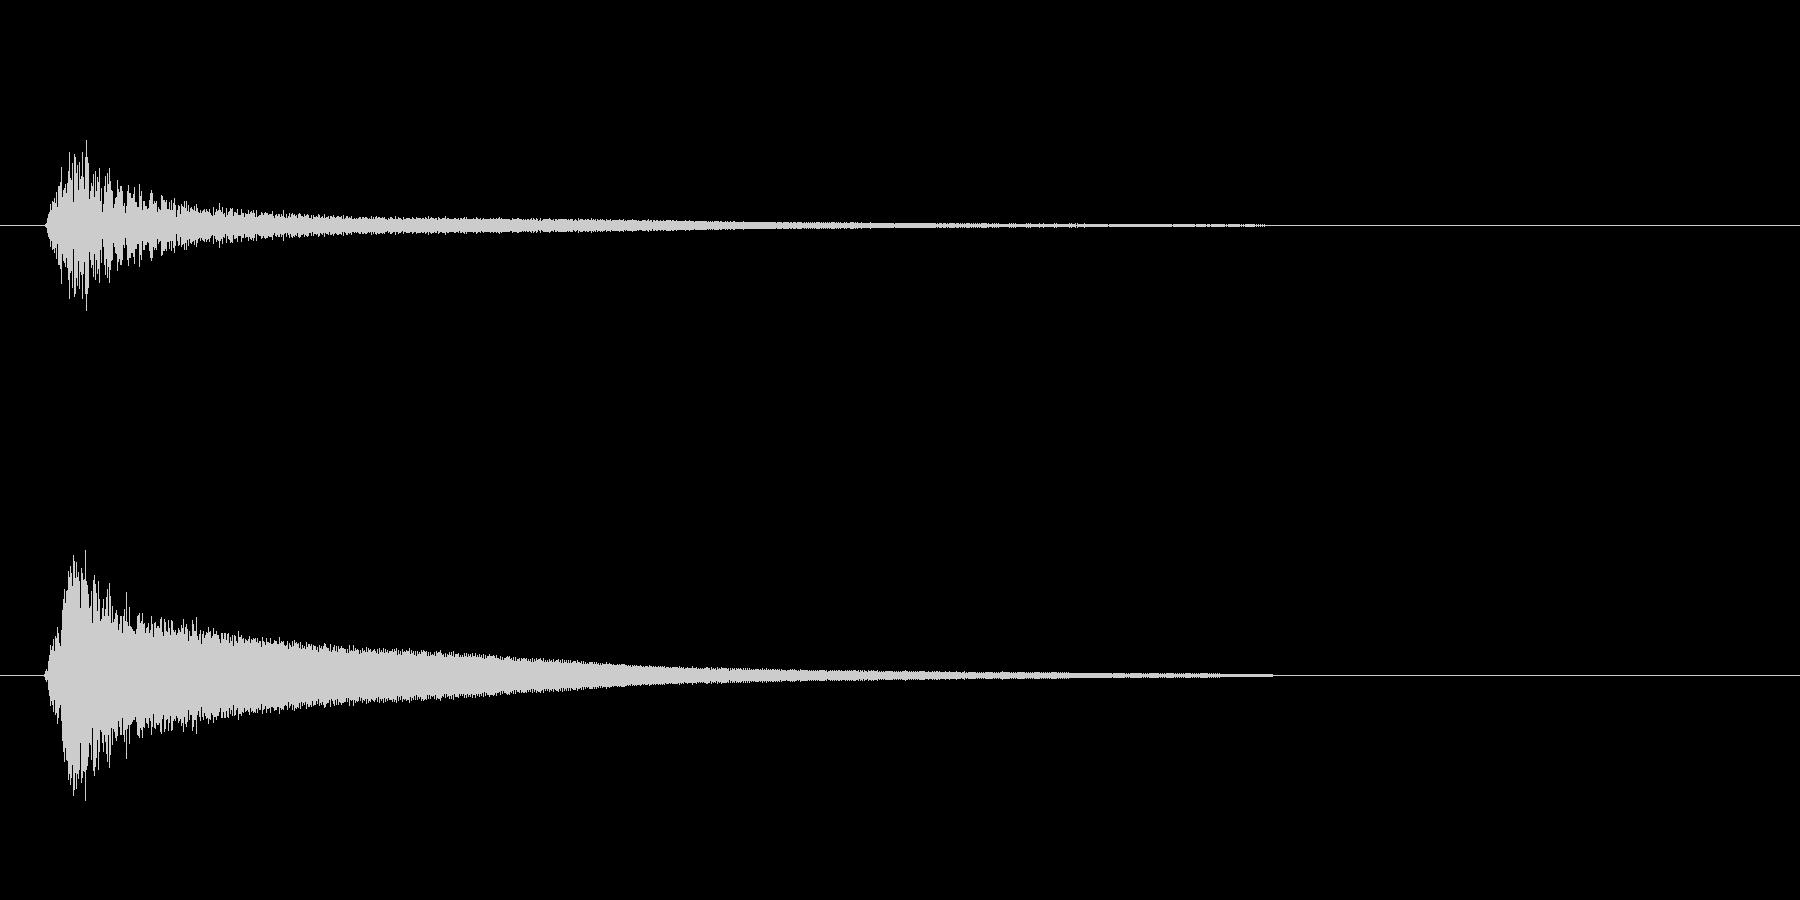 高いミの音がするベル系効果音の未再生の波形